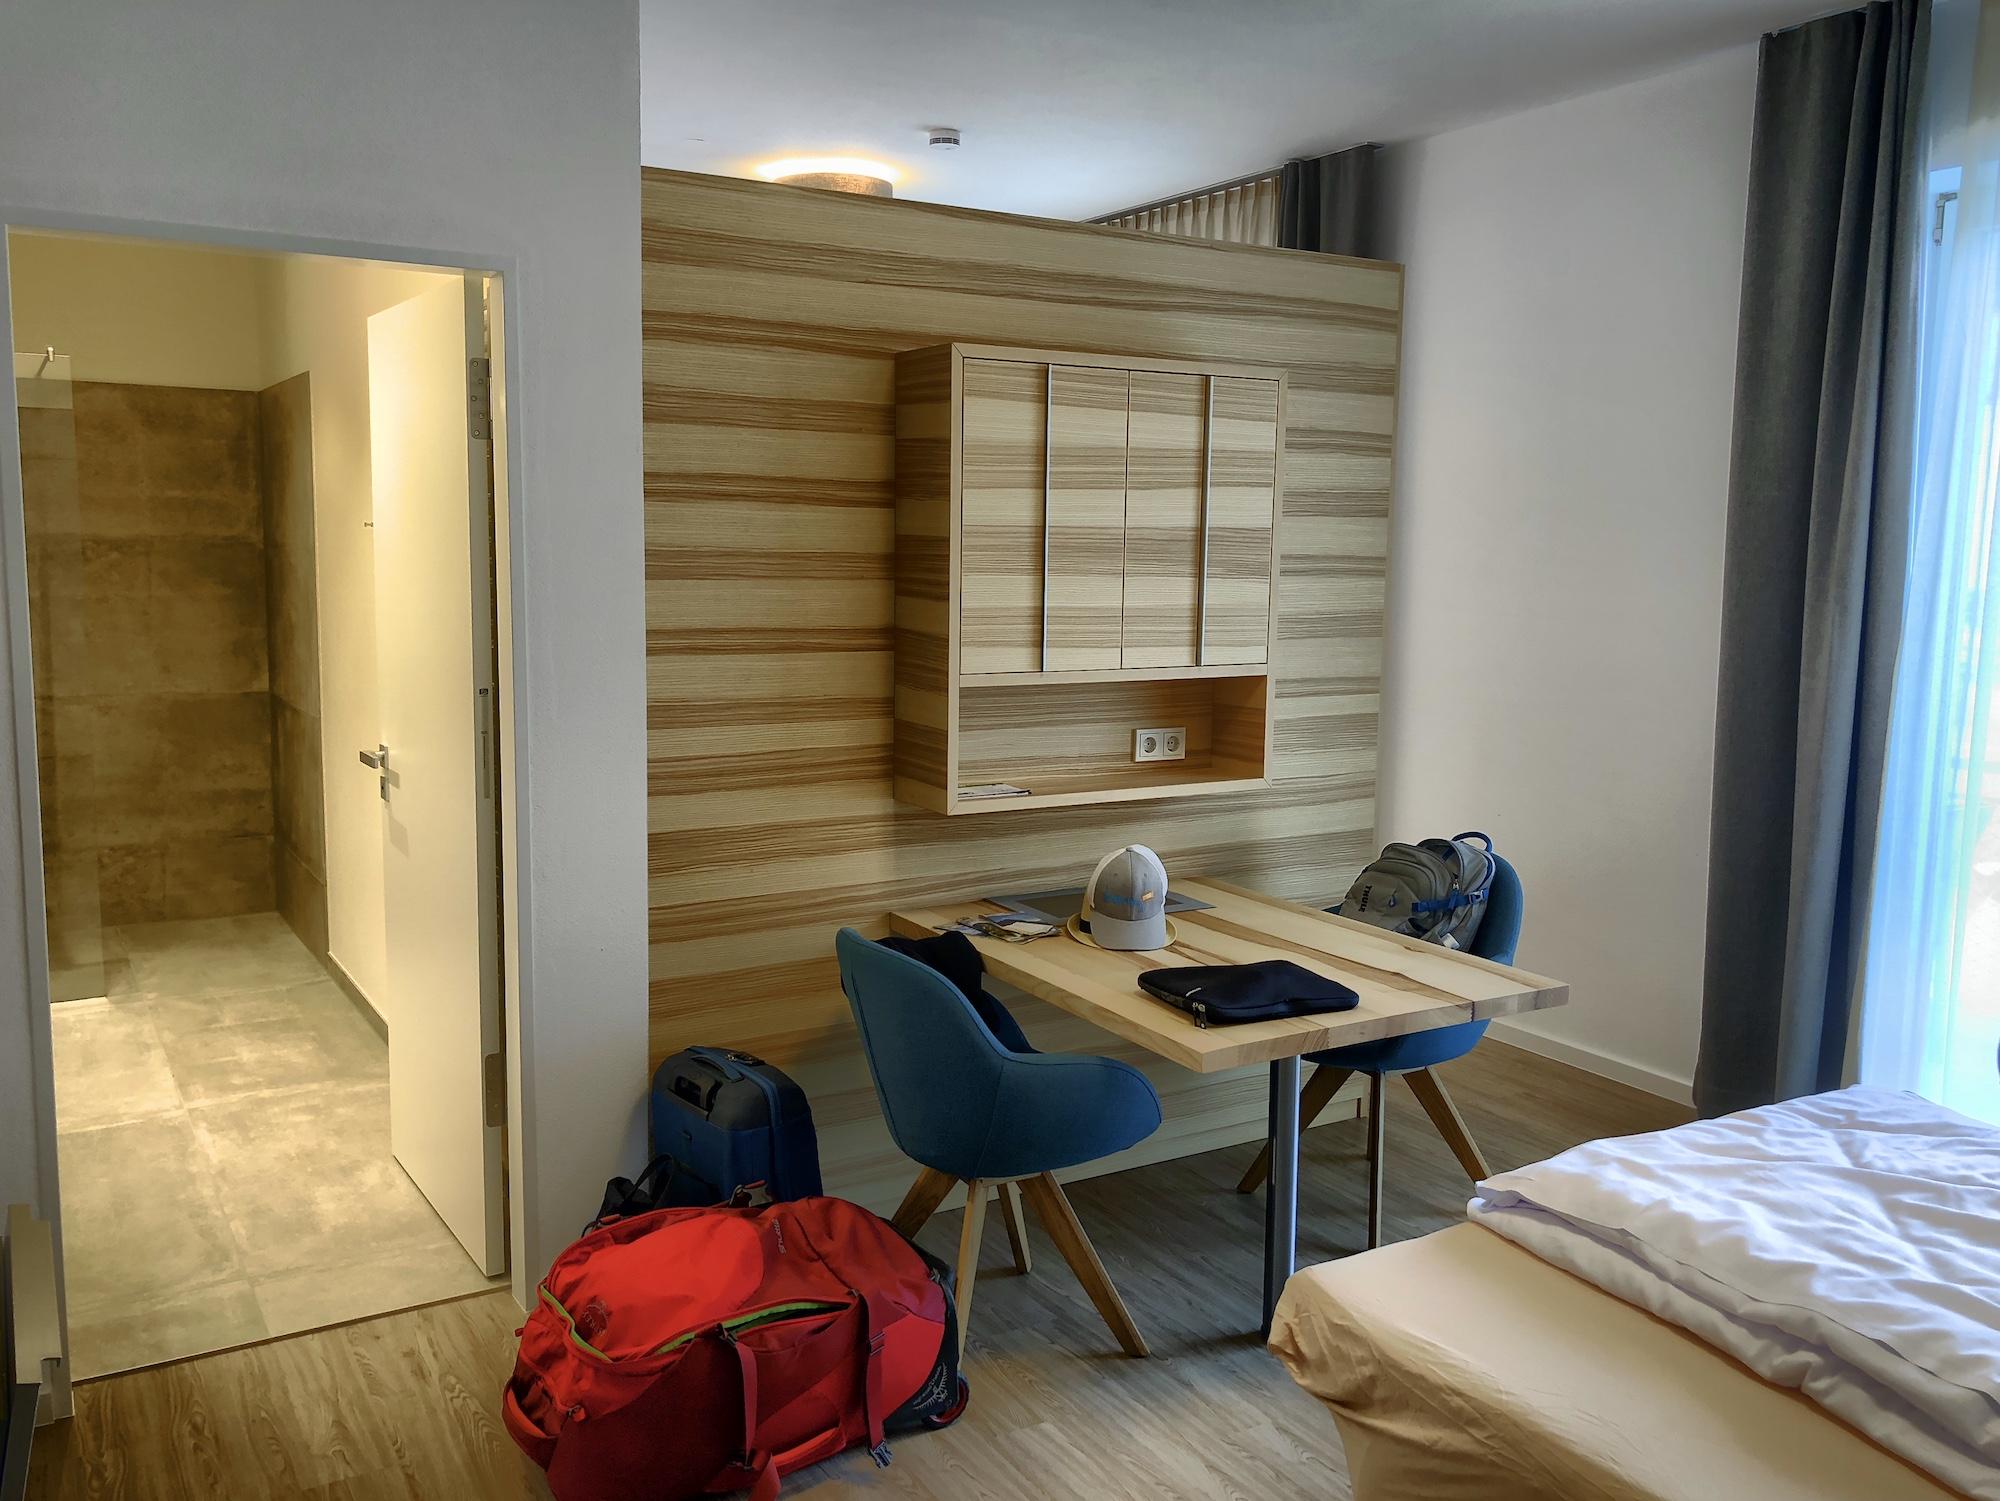 Blick ins Zimmer der Unterkunft Im Achtal in Pfronten